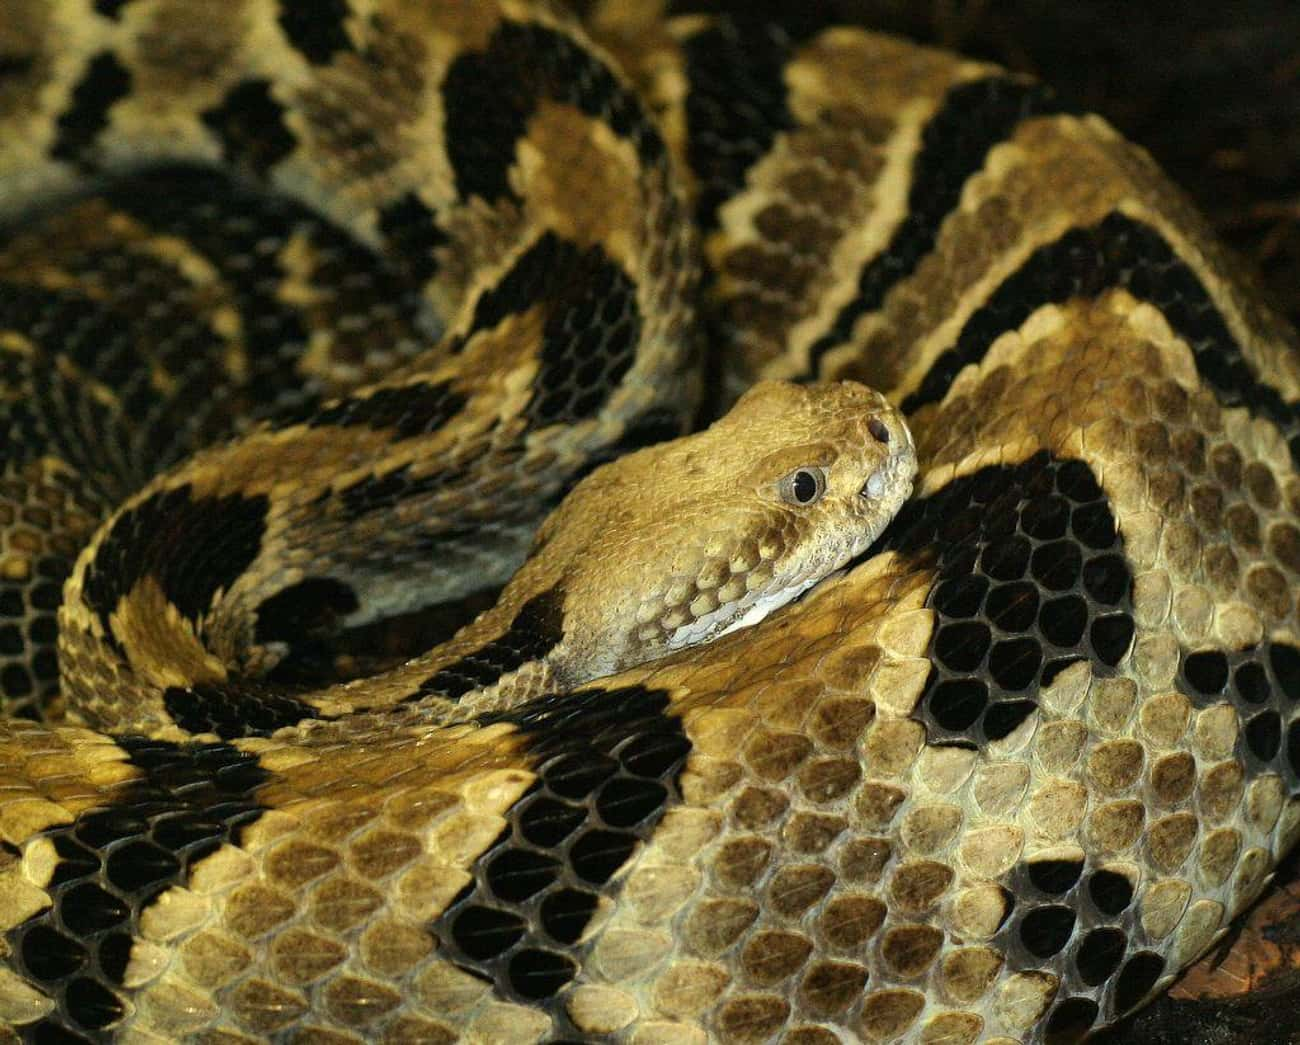 Canebrake Rattlesnakes